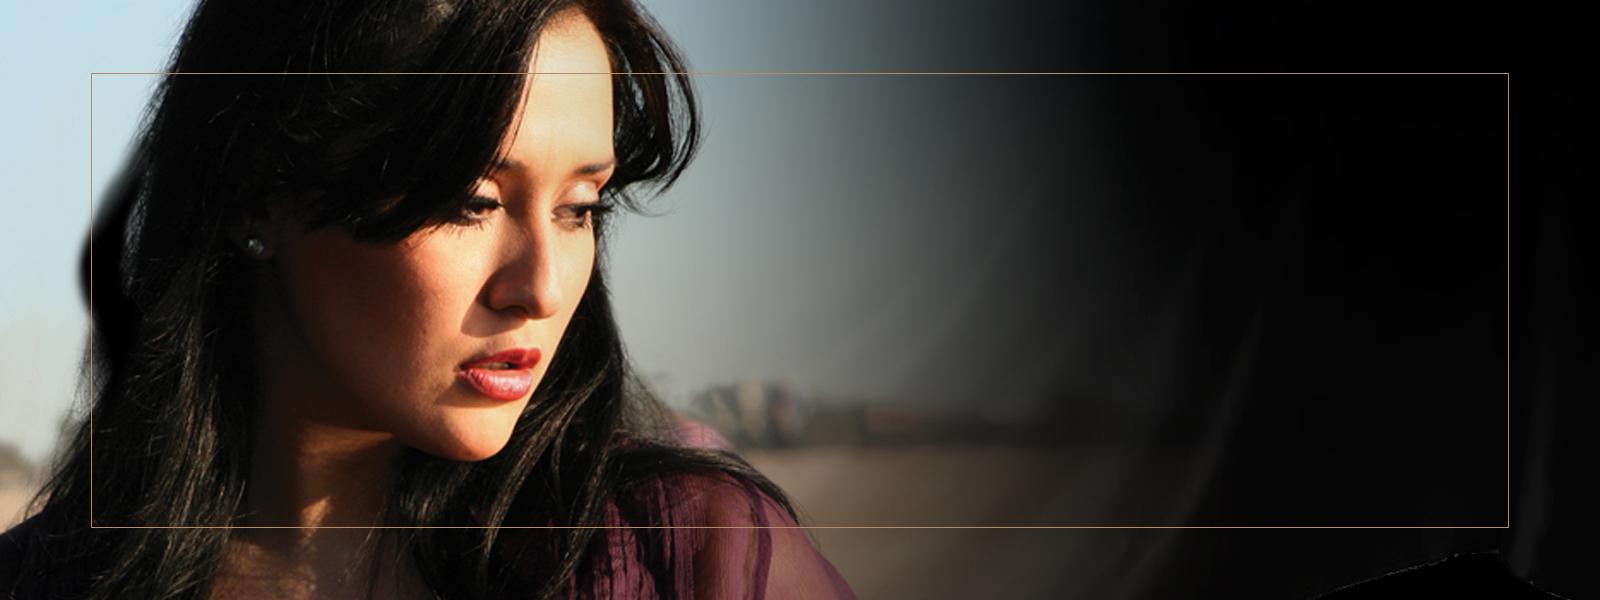 Irene Davi Channel Cover